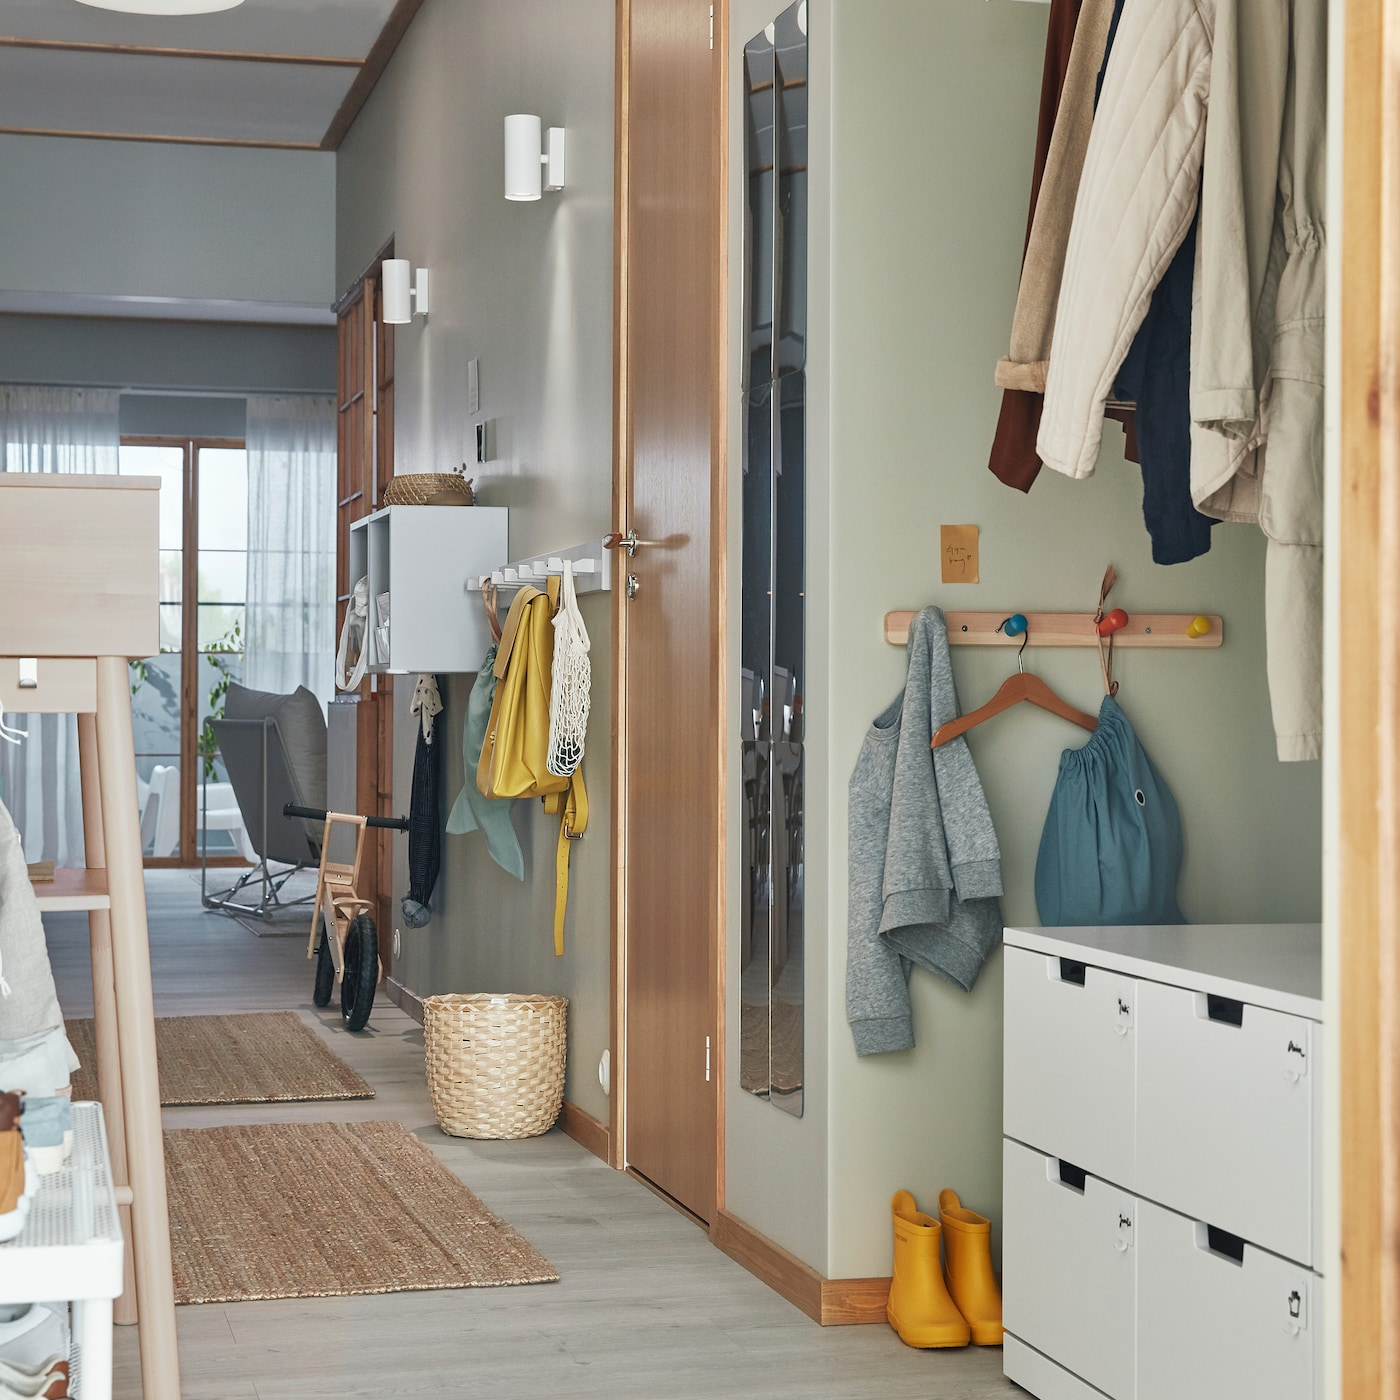 大人も子どもも使えるように、フック付きラックや引き出し付きチェストなどの便利な収納を置いた狭い玄関。